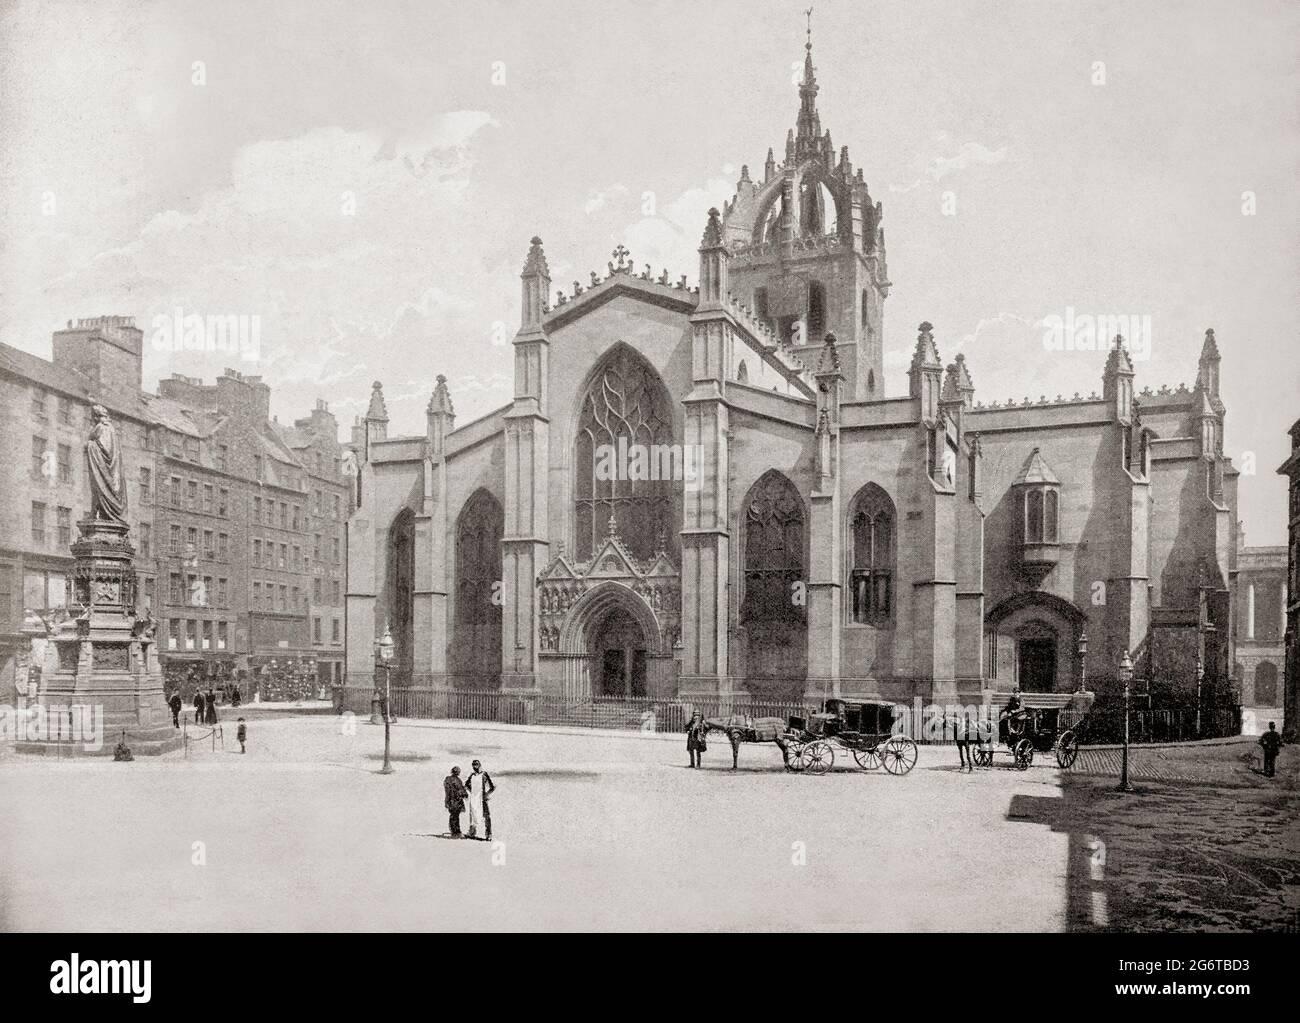 Vue de la fin du XIXe siècle sur la cathédrale St Giles ou le haut Kirk d'Édimbourg, une église paroissiale de l'église d'Écosse dans la vieille ville d'Édimbourg. Le bâtiment actuel a commencé au XIVe siècle et s'est prolongé jusqu'au début du XVIe siècle; d'importantes modifications ont été apportées aux XIXe et XXe siècles, y compris l'ajout de la chapelle de Thistle. St Giles' est étroitement associé à de nombreux événements et personnages de l'histoire écossaise, y compris John KNOX, qui a servi de ministre de l'église après la réforme écossaise. Banque D'Images